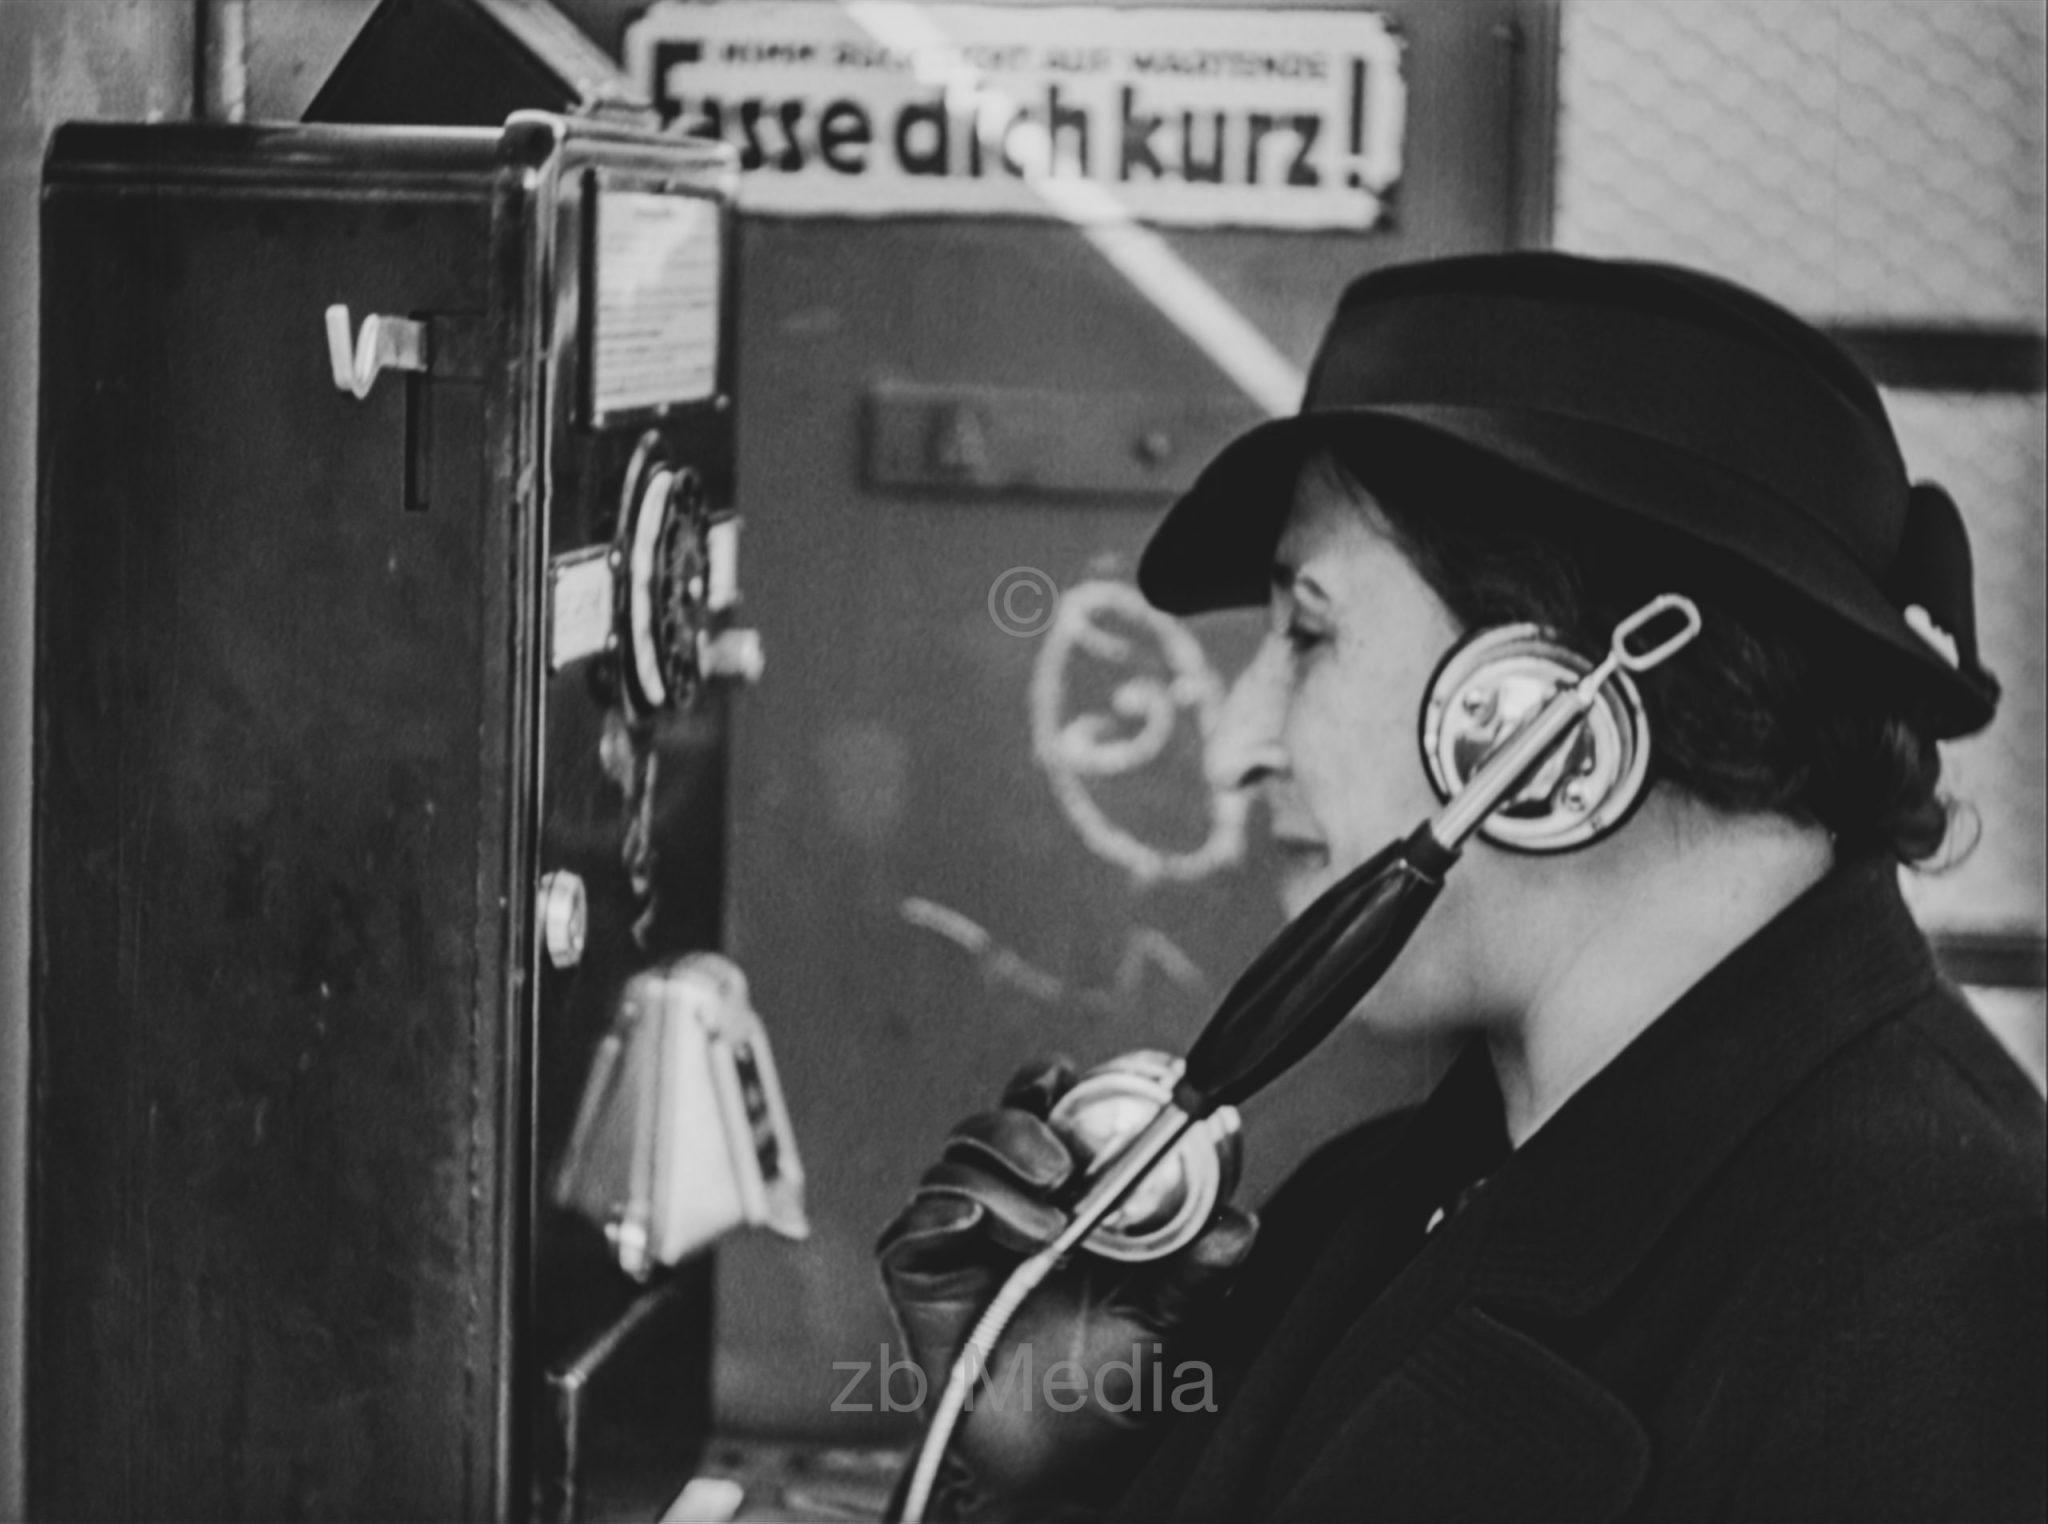 Deutschland 1937, Telefonzelle